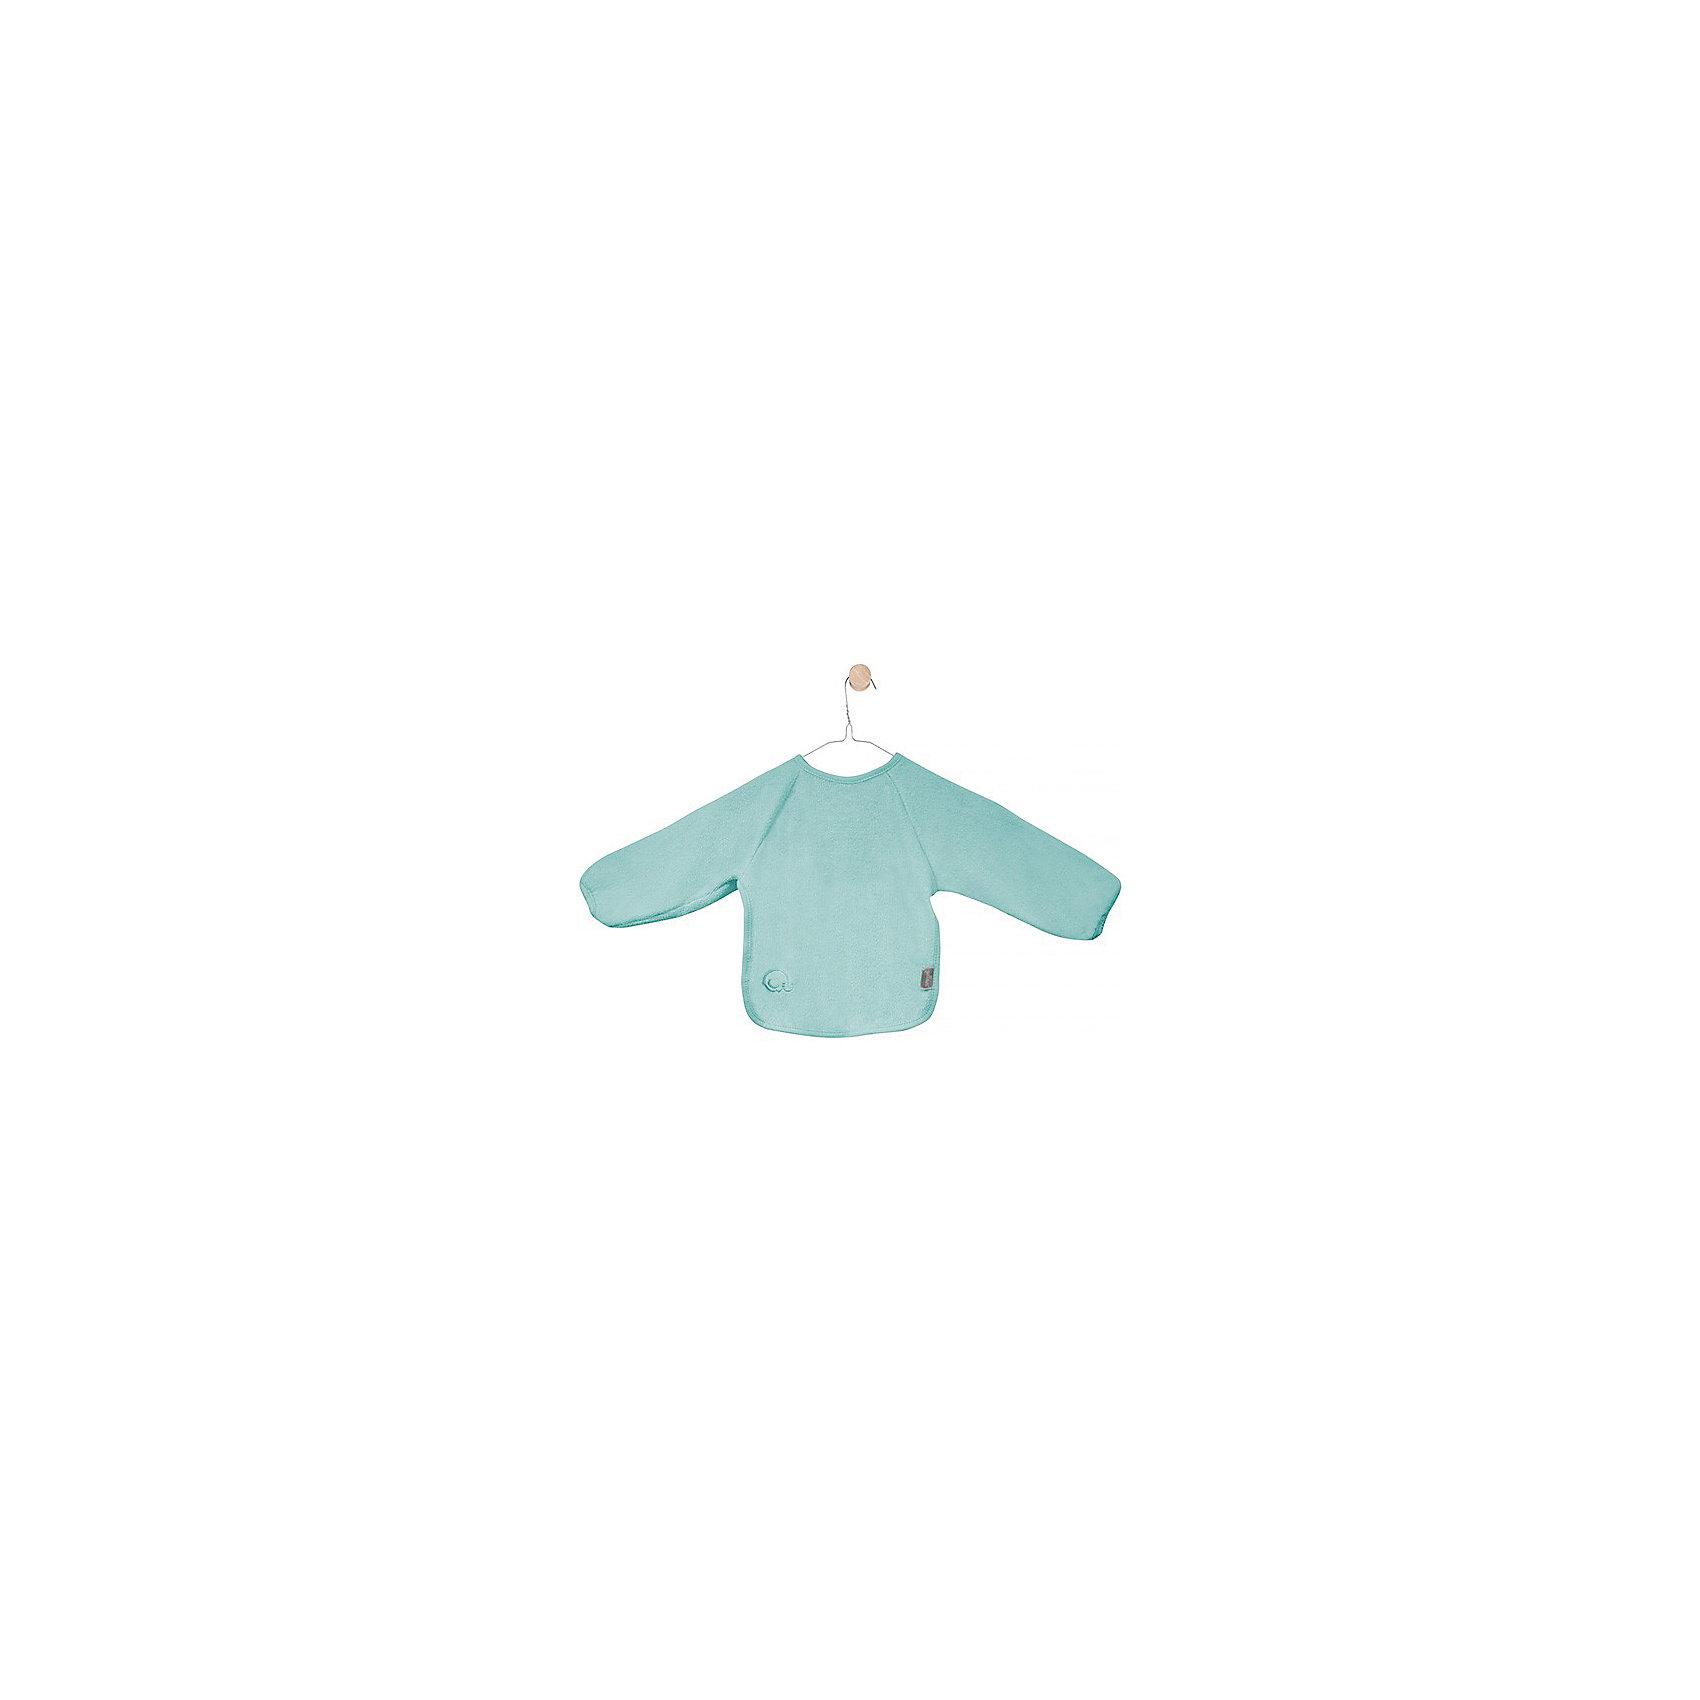 Махровый нагрудник, Jollein, JadeНагрудники с рукавами Jollein замечательно защищают одежду от грязи. Сделаны из мягкой махровой ткани, хорошо дышат, поэтому можно носить долгое время. Промокают. Рукава обеспечены эластичными резинками, можно легко регулировать длину, закатав рукава.<br><br>Ширина мм: 270<br>Глубина мм: 250<br>Высота мм: 0<br>Вес г: 300<br>Возраст от месяцев: 0<br>Возраст до месяцев: 36<br>Пол: Унисекс<br>Возраст: Детский<br>SKU: 5367111